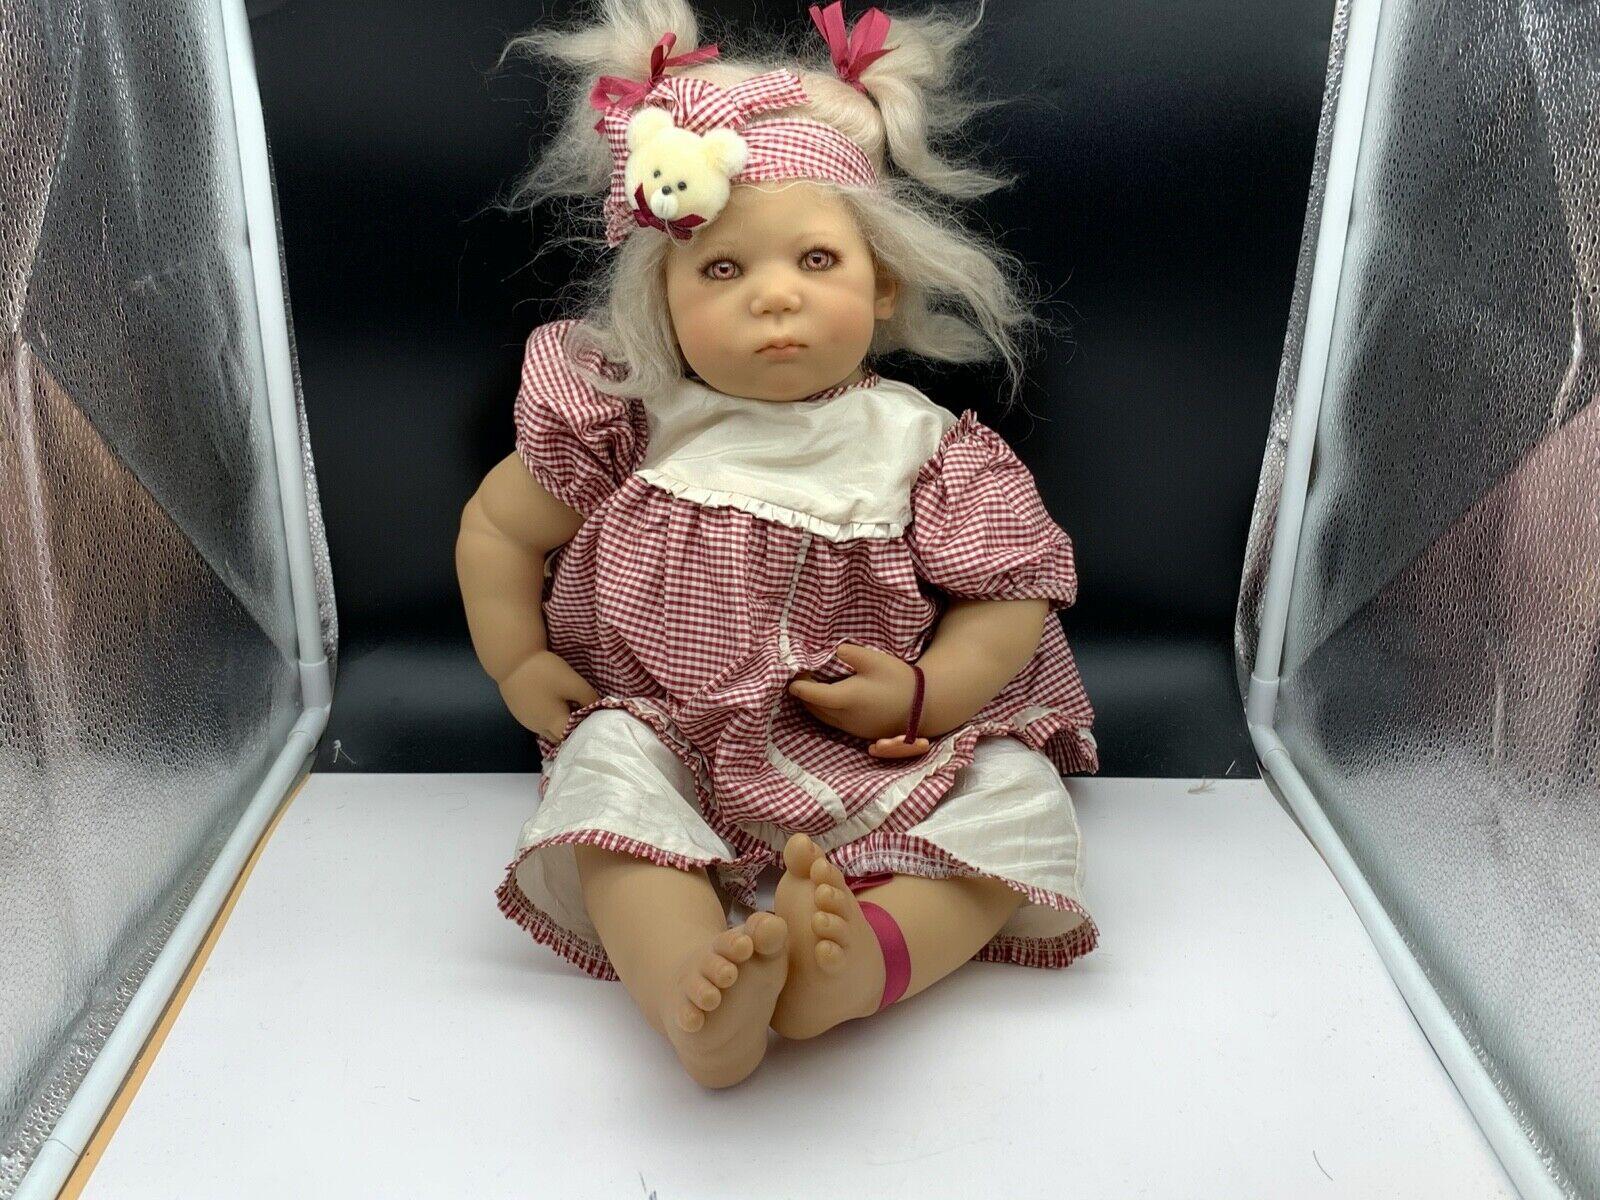 Annette Himstedt Doll Baby Lieschen 55 cm. Ovp & Zertifikat. Top Zustand.